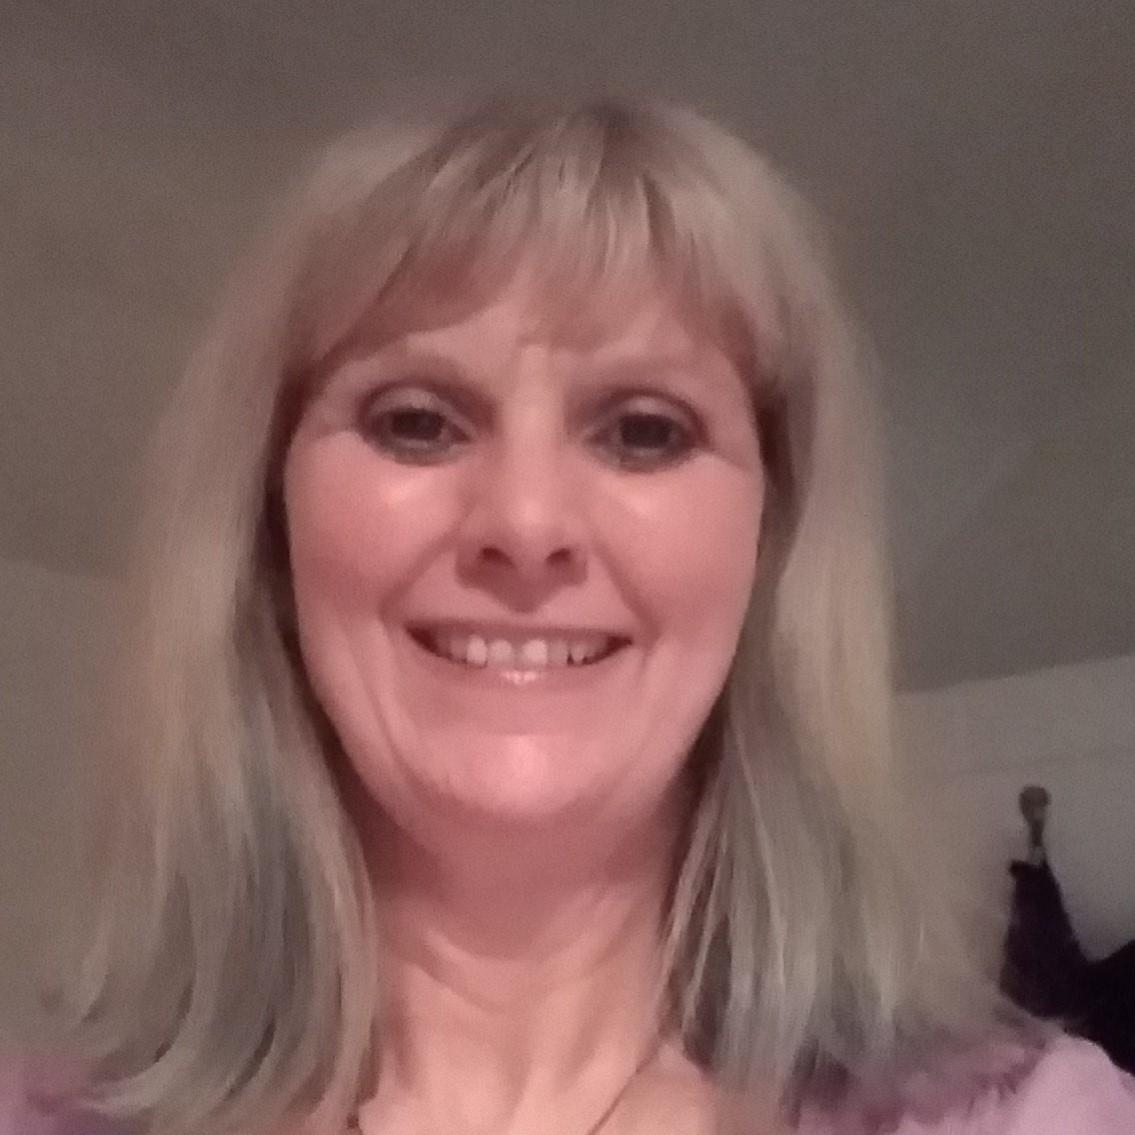 Cheryl Barthorpe